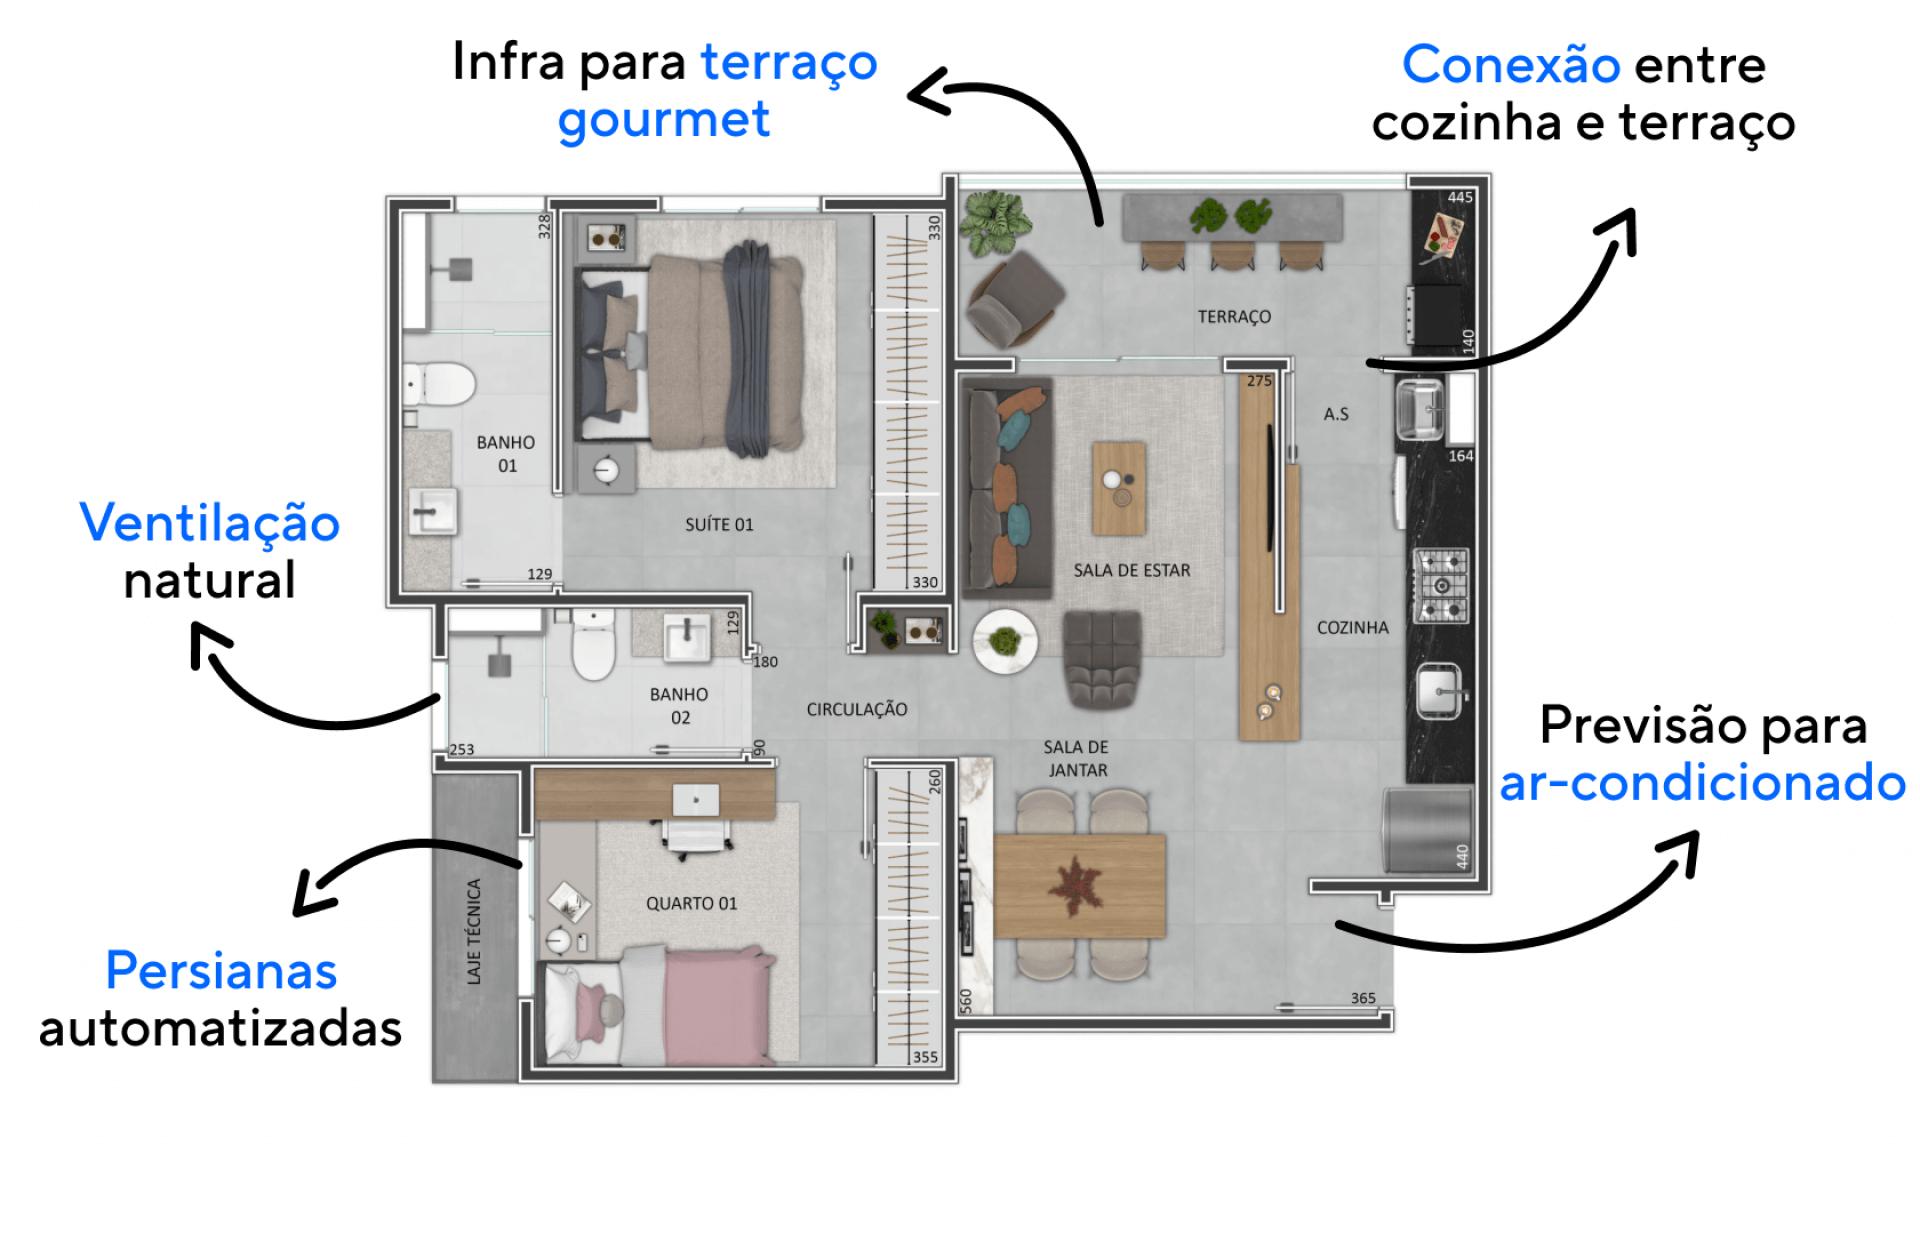 70 M² - 2 DORMITÓRIOS, SENDO 1 SUÍTE. Apartamentos com terraço que faz conexão direta com a cozinha e com a sala de estar, uma extensão da área social que pode ser configurada como espaço gourmet!